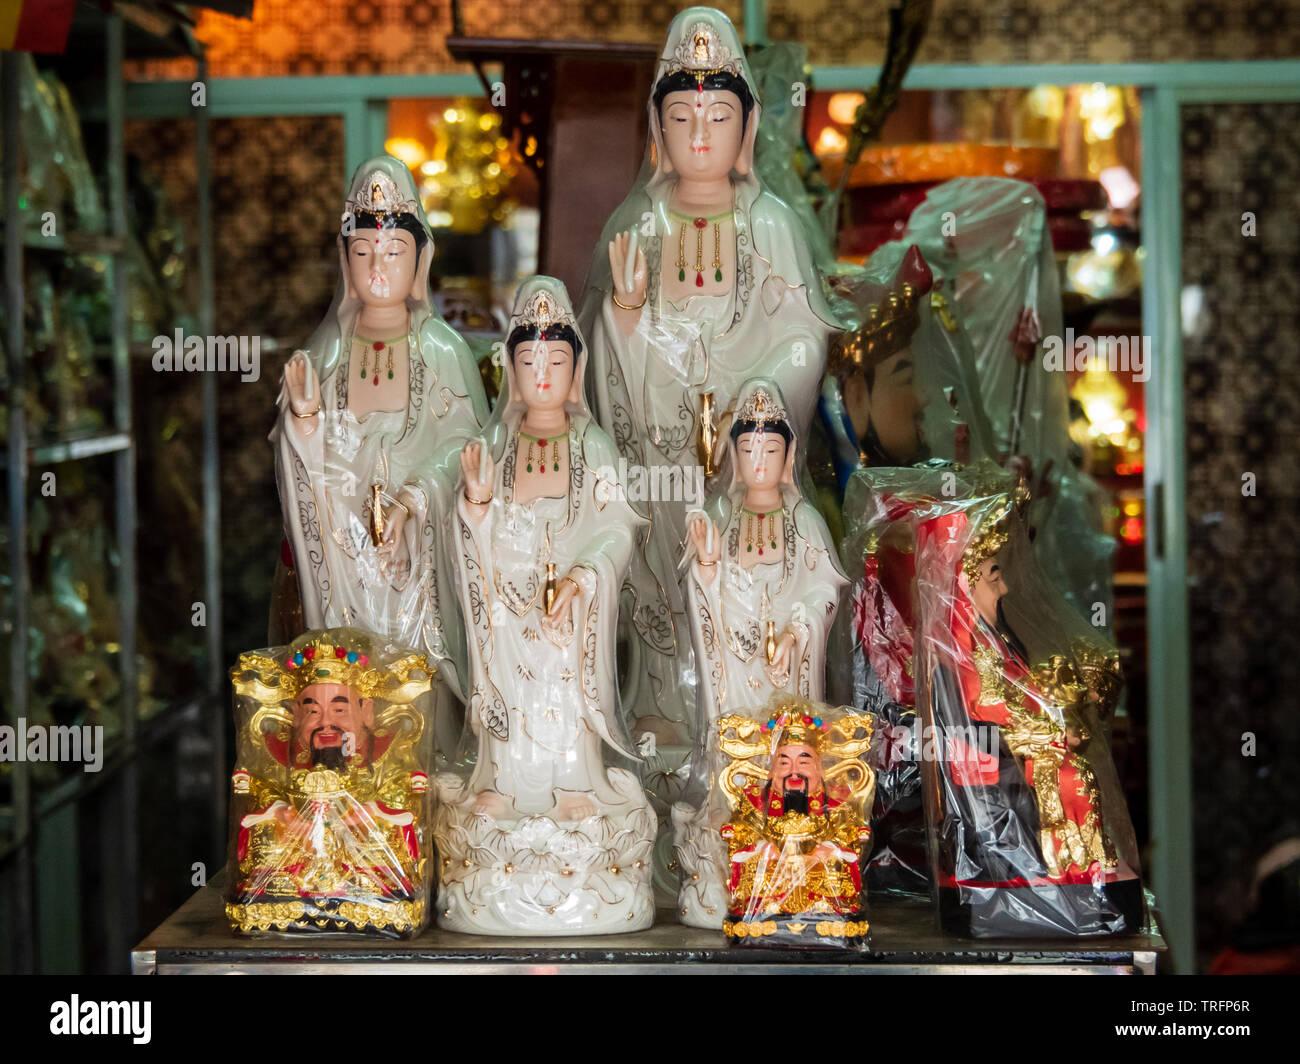 Figurine della Dea della Misericordia, Kwan Yin / Kuan Yin e il Dio della Fortuna, Cai Shen, in corrispondenza di un taoista / daoisti preghiera Archivio articoli Immagini Stock